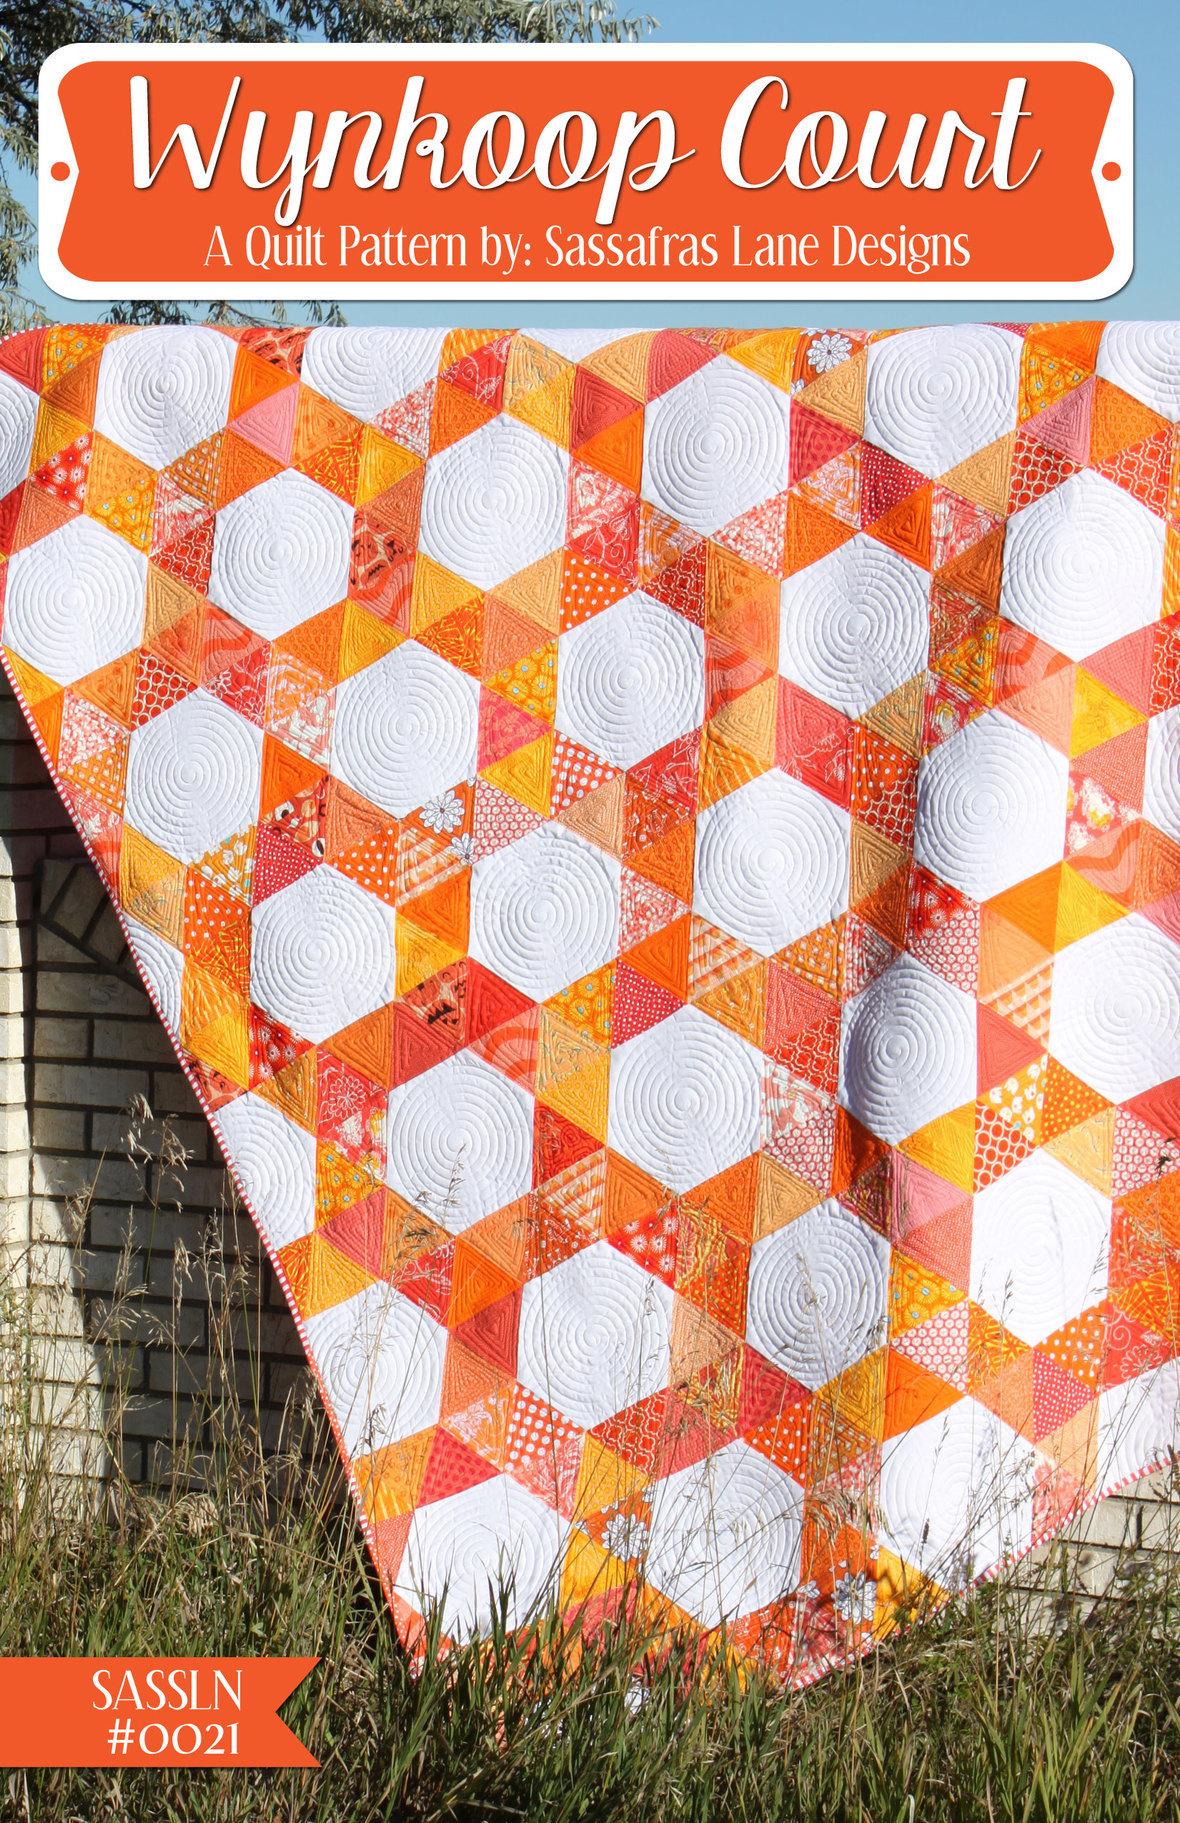 sassafras lane designs wynkoop court sewing pattern